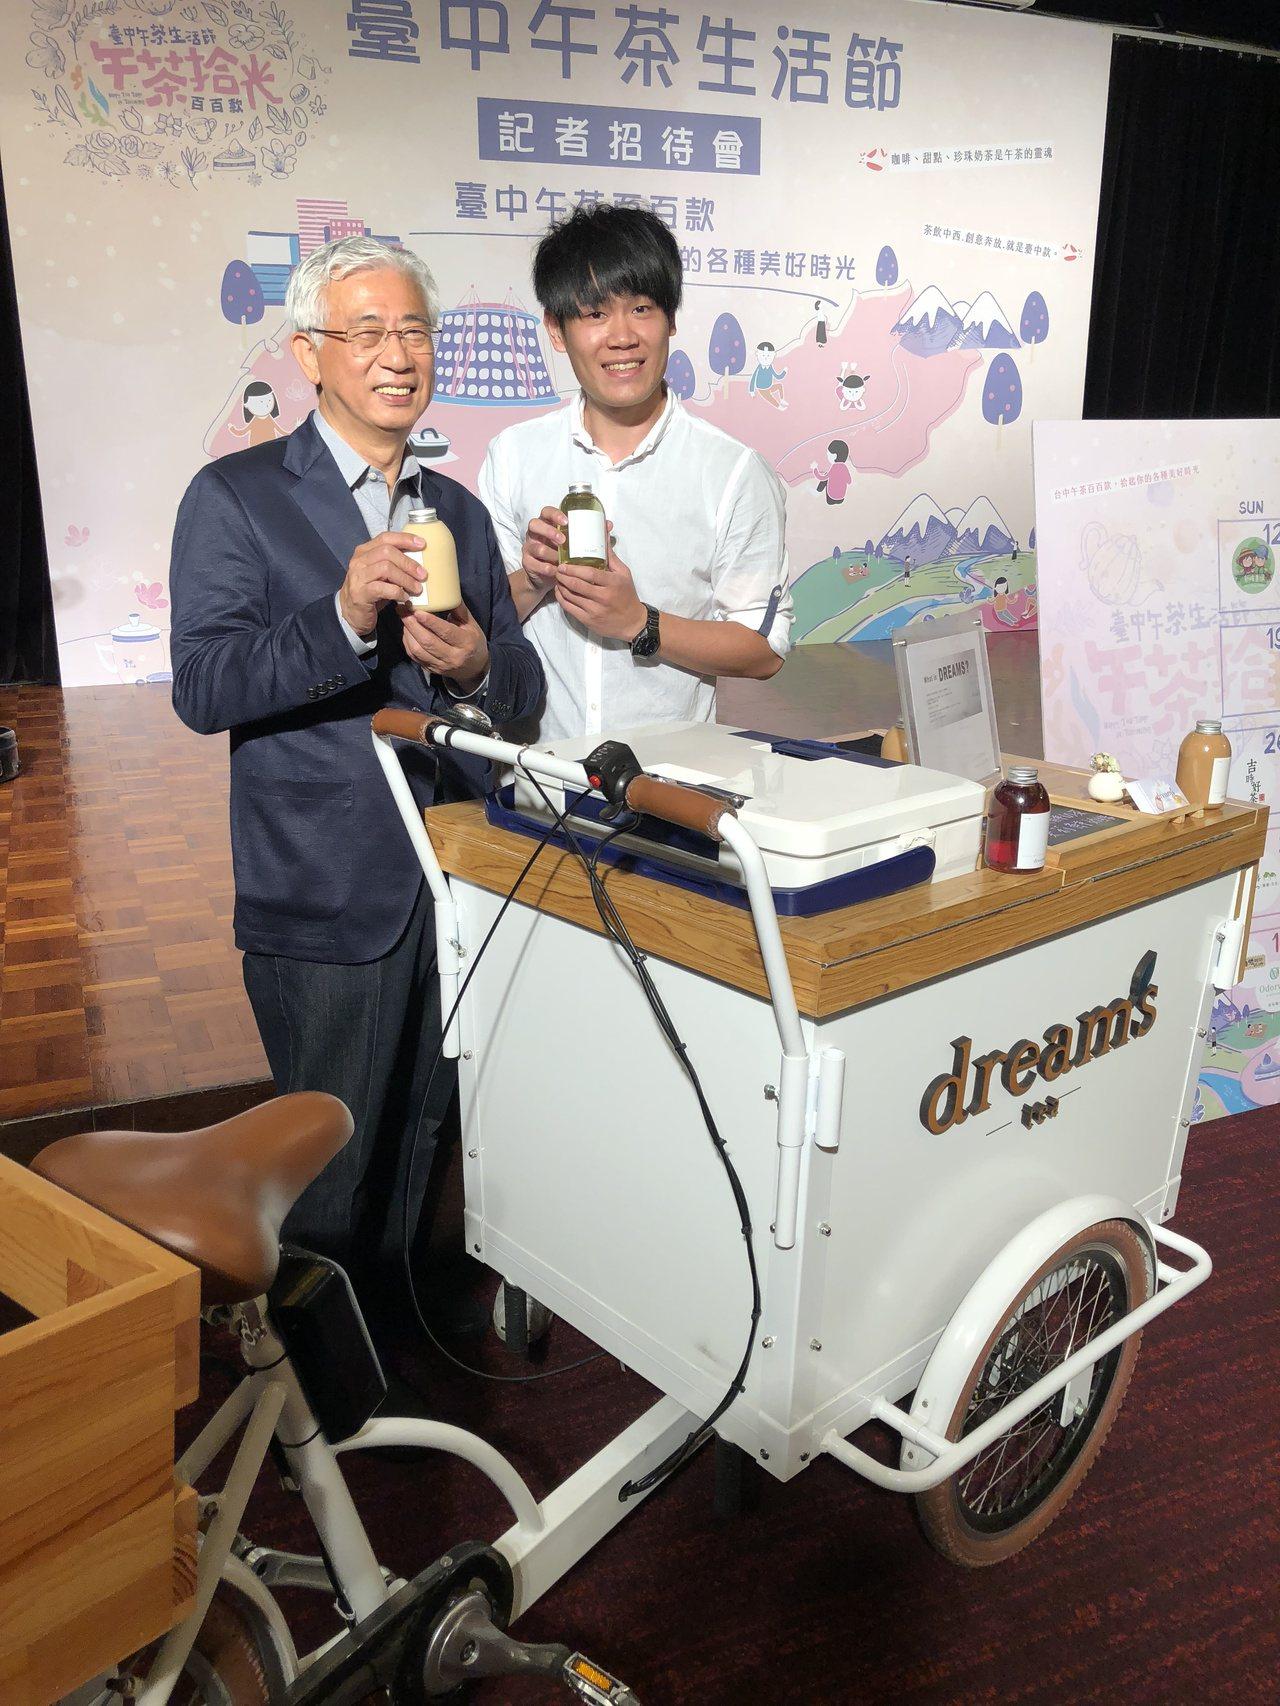 台中市觀光旅遊局長陳盛山(左)宣布,台中市明年將配合國際花卉博覽會,舉辦首屆「台...